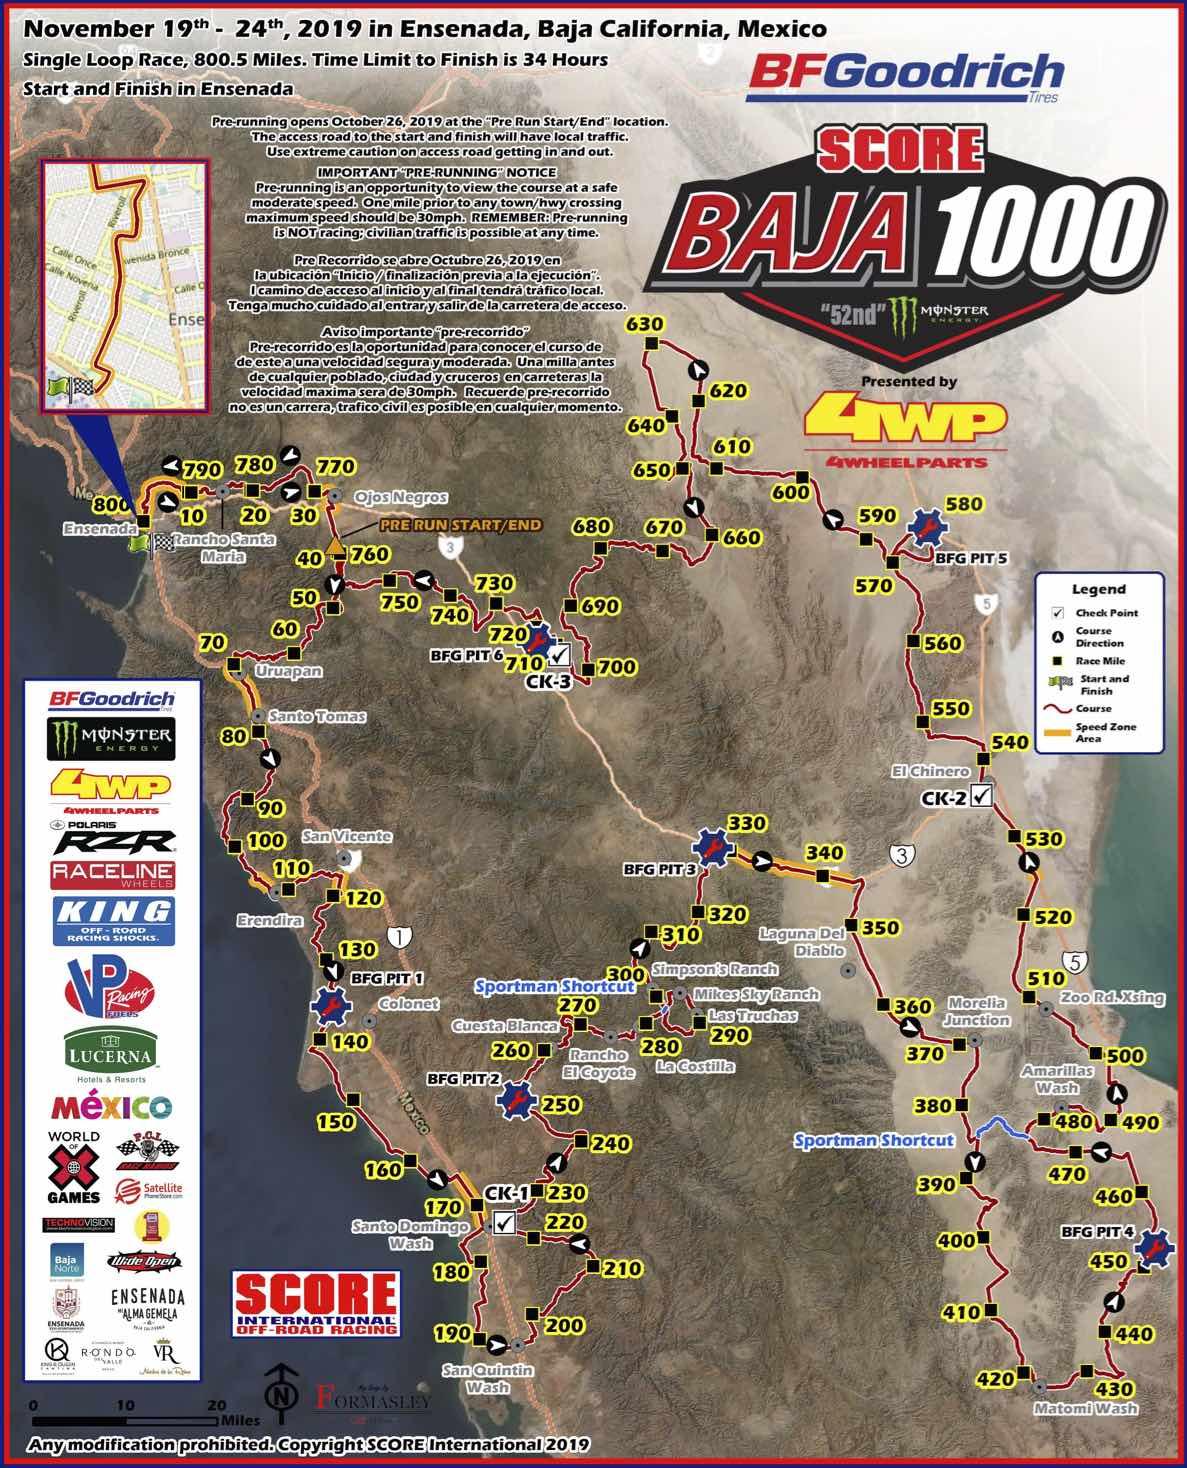 2019年のBaja1000全コース距離は799.1マイル(1286km)で競われた